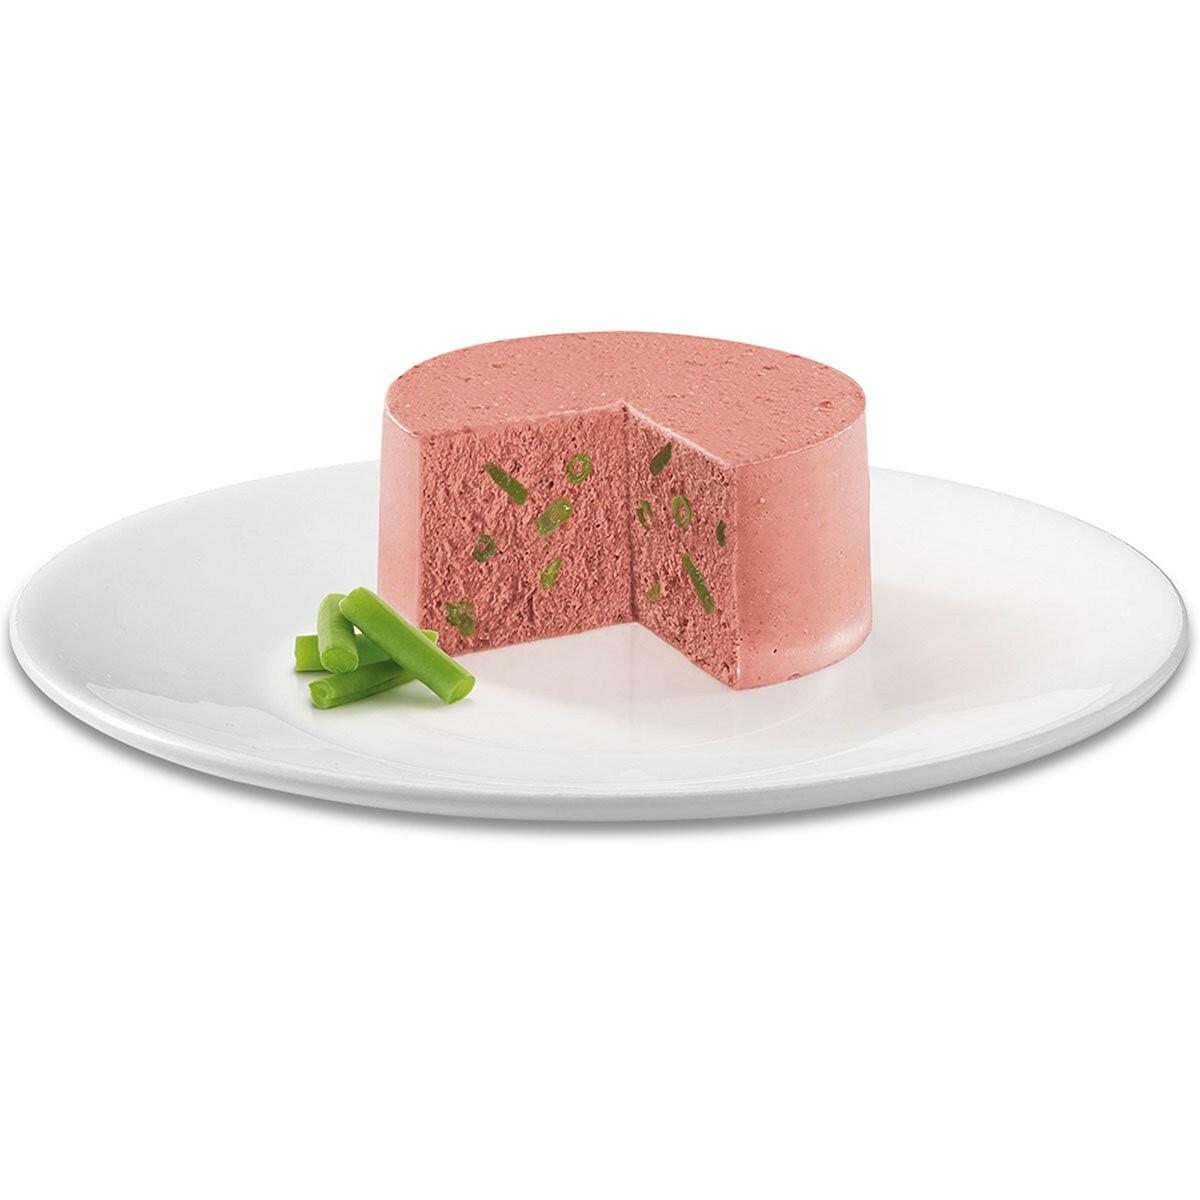 Bild 2 von Gourmet Gold Feine Pastete Lamm & grüne Bohnen